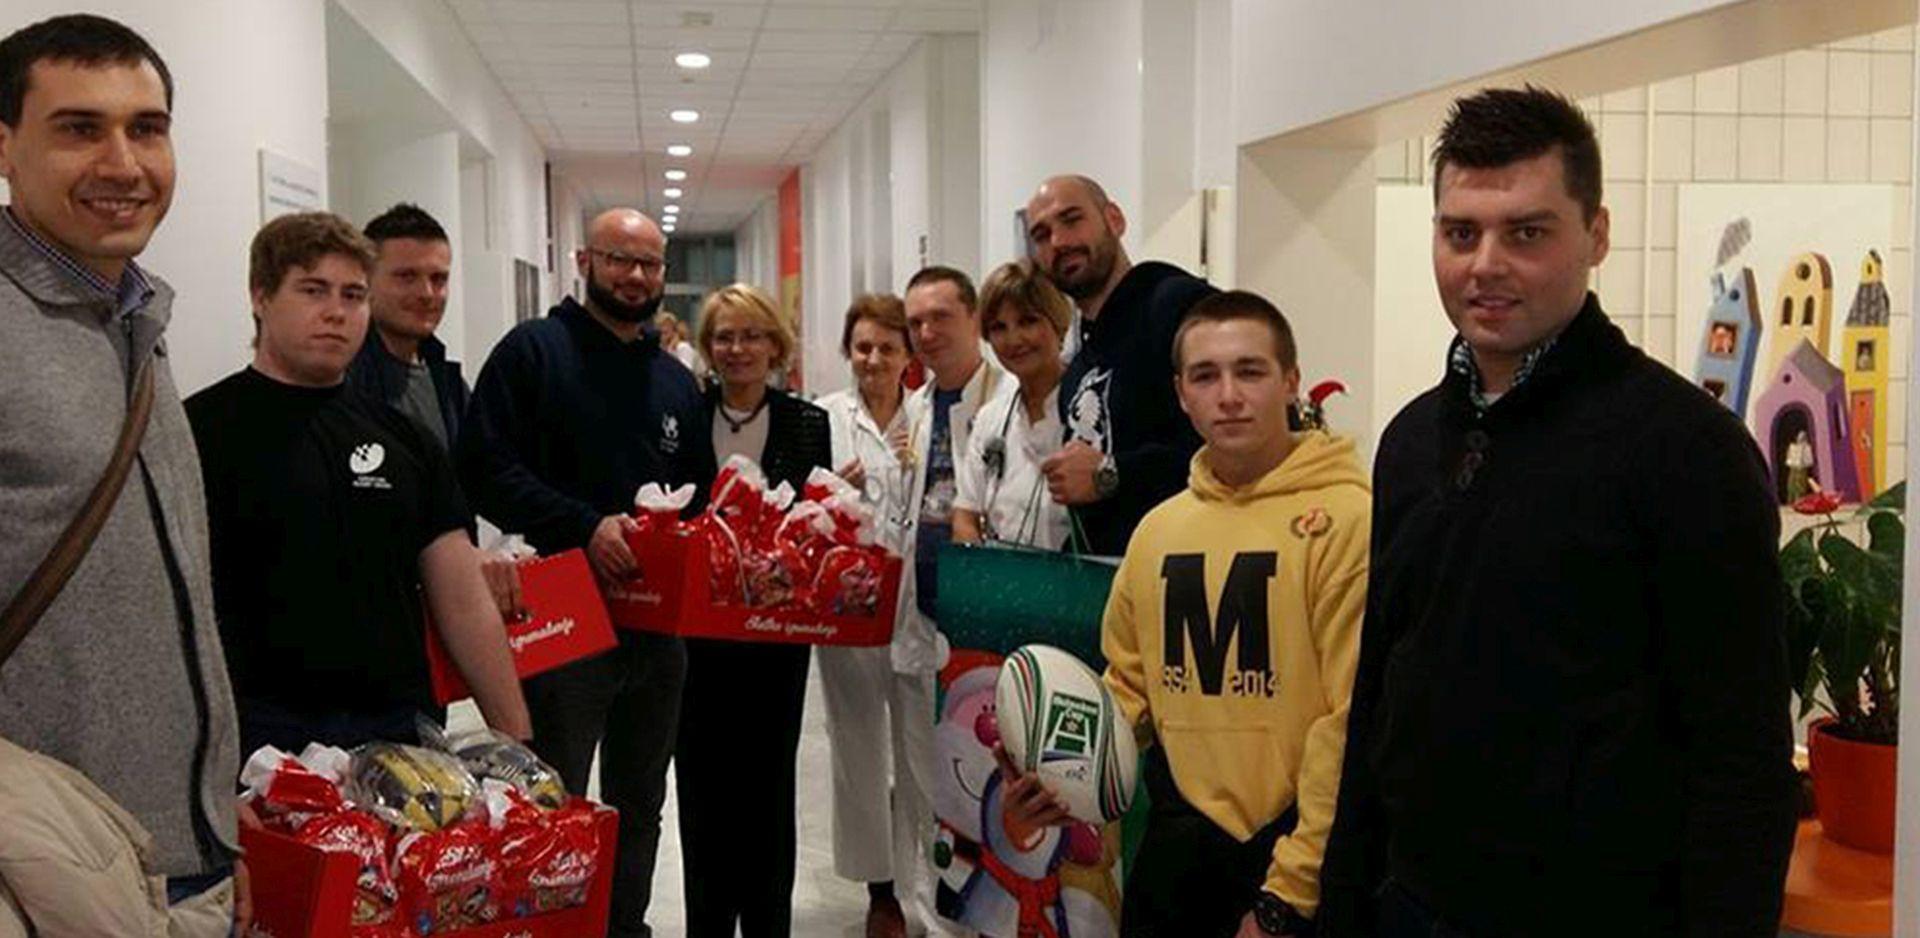 LOKOMOTIVA, MLADOST I ZAGREB: Zagrebački ragbijaši posjetili bolnicu u Klaićevoj